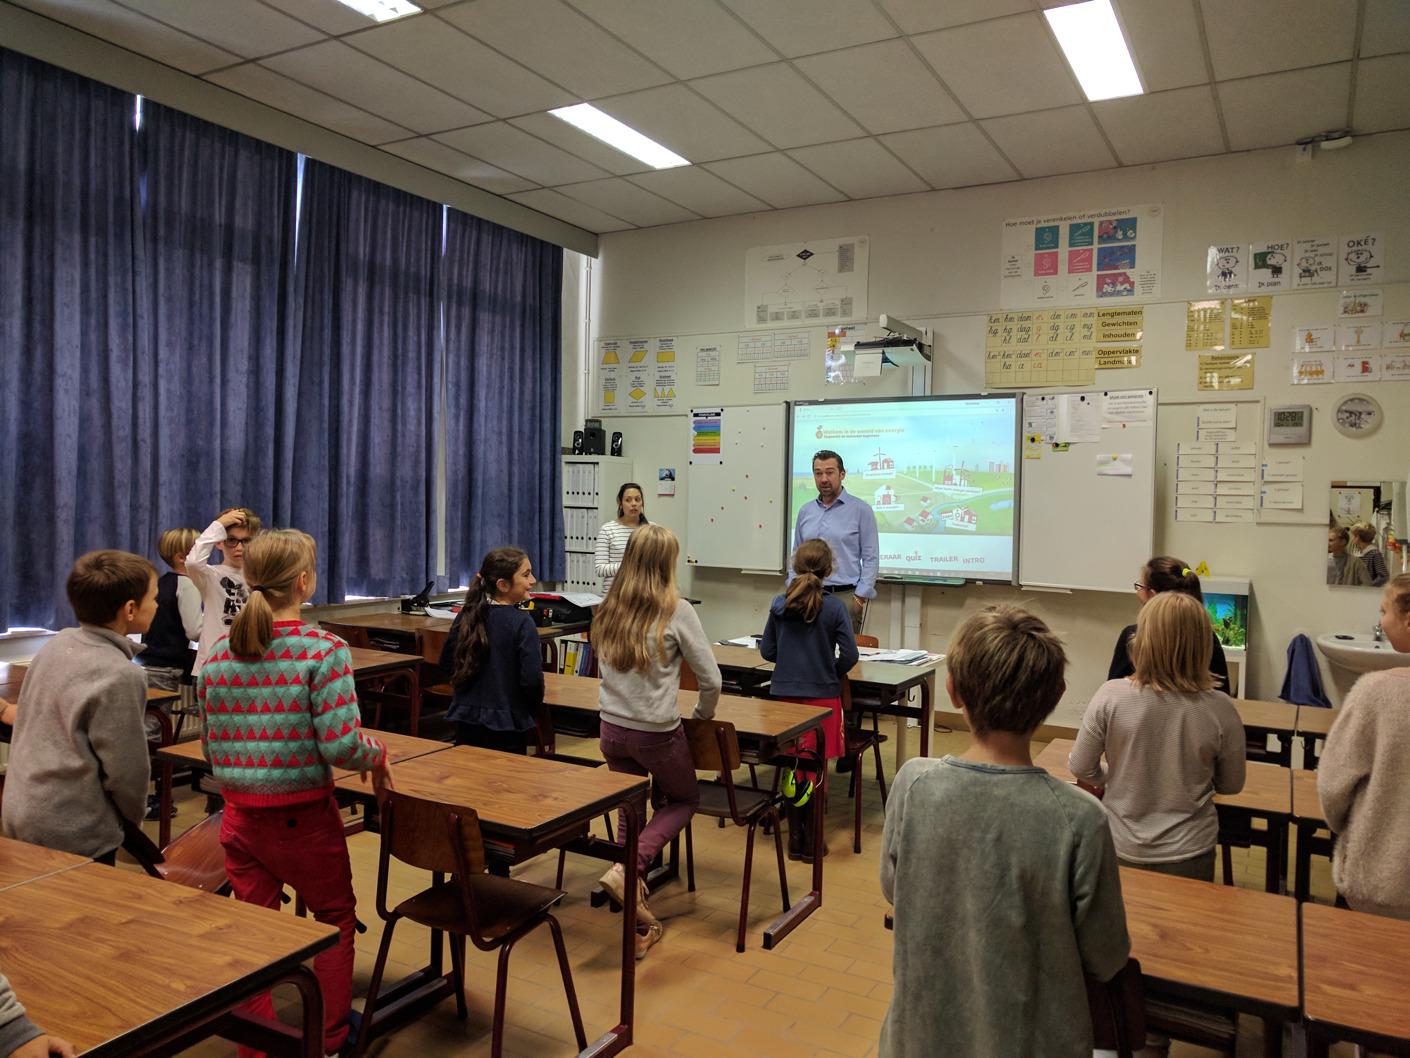 Un fournisseur d'énergie apprend l'énergie durable aux enfants